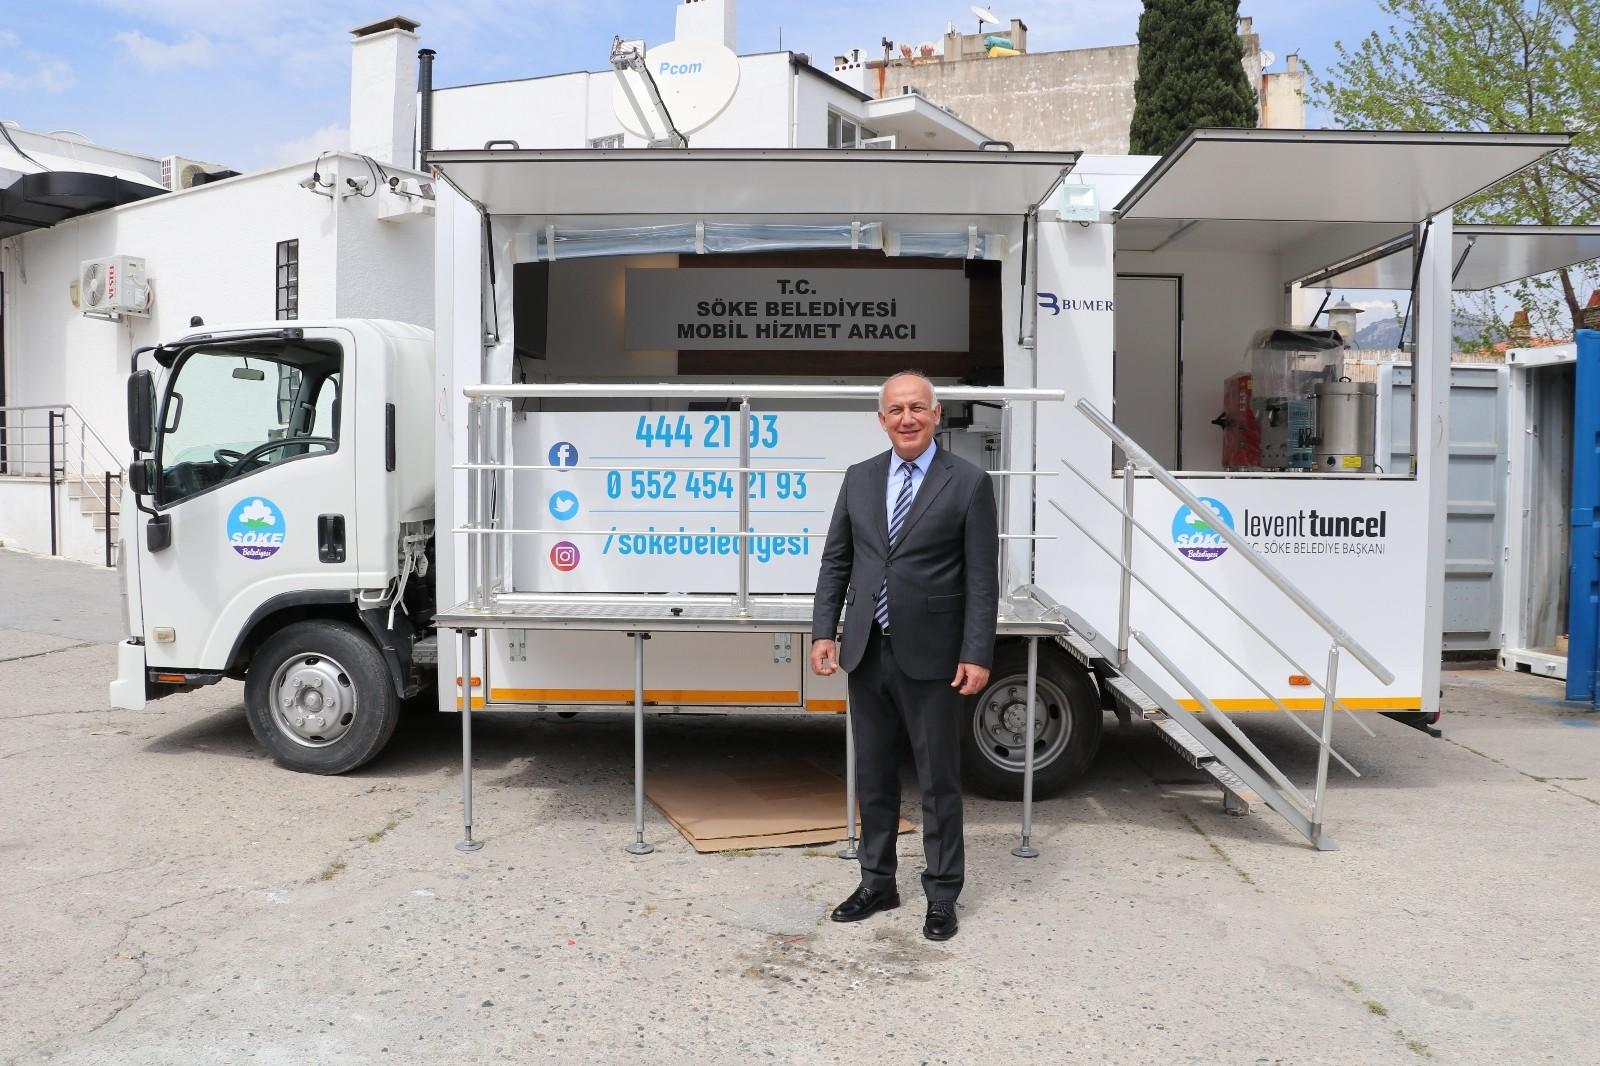 Söke Belediyesi tarafından yapılan Mobil Hizmet Aracı ve Deprem Konteynırı hizmete hazır